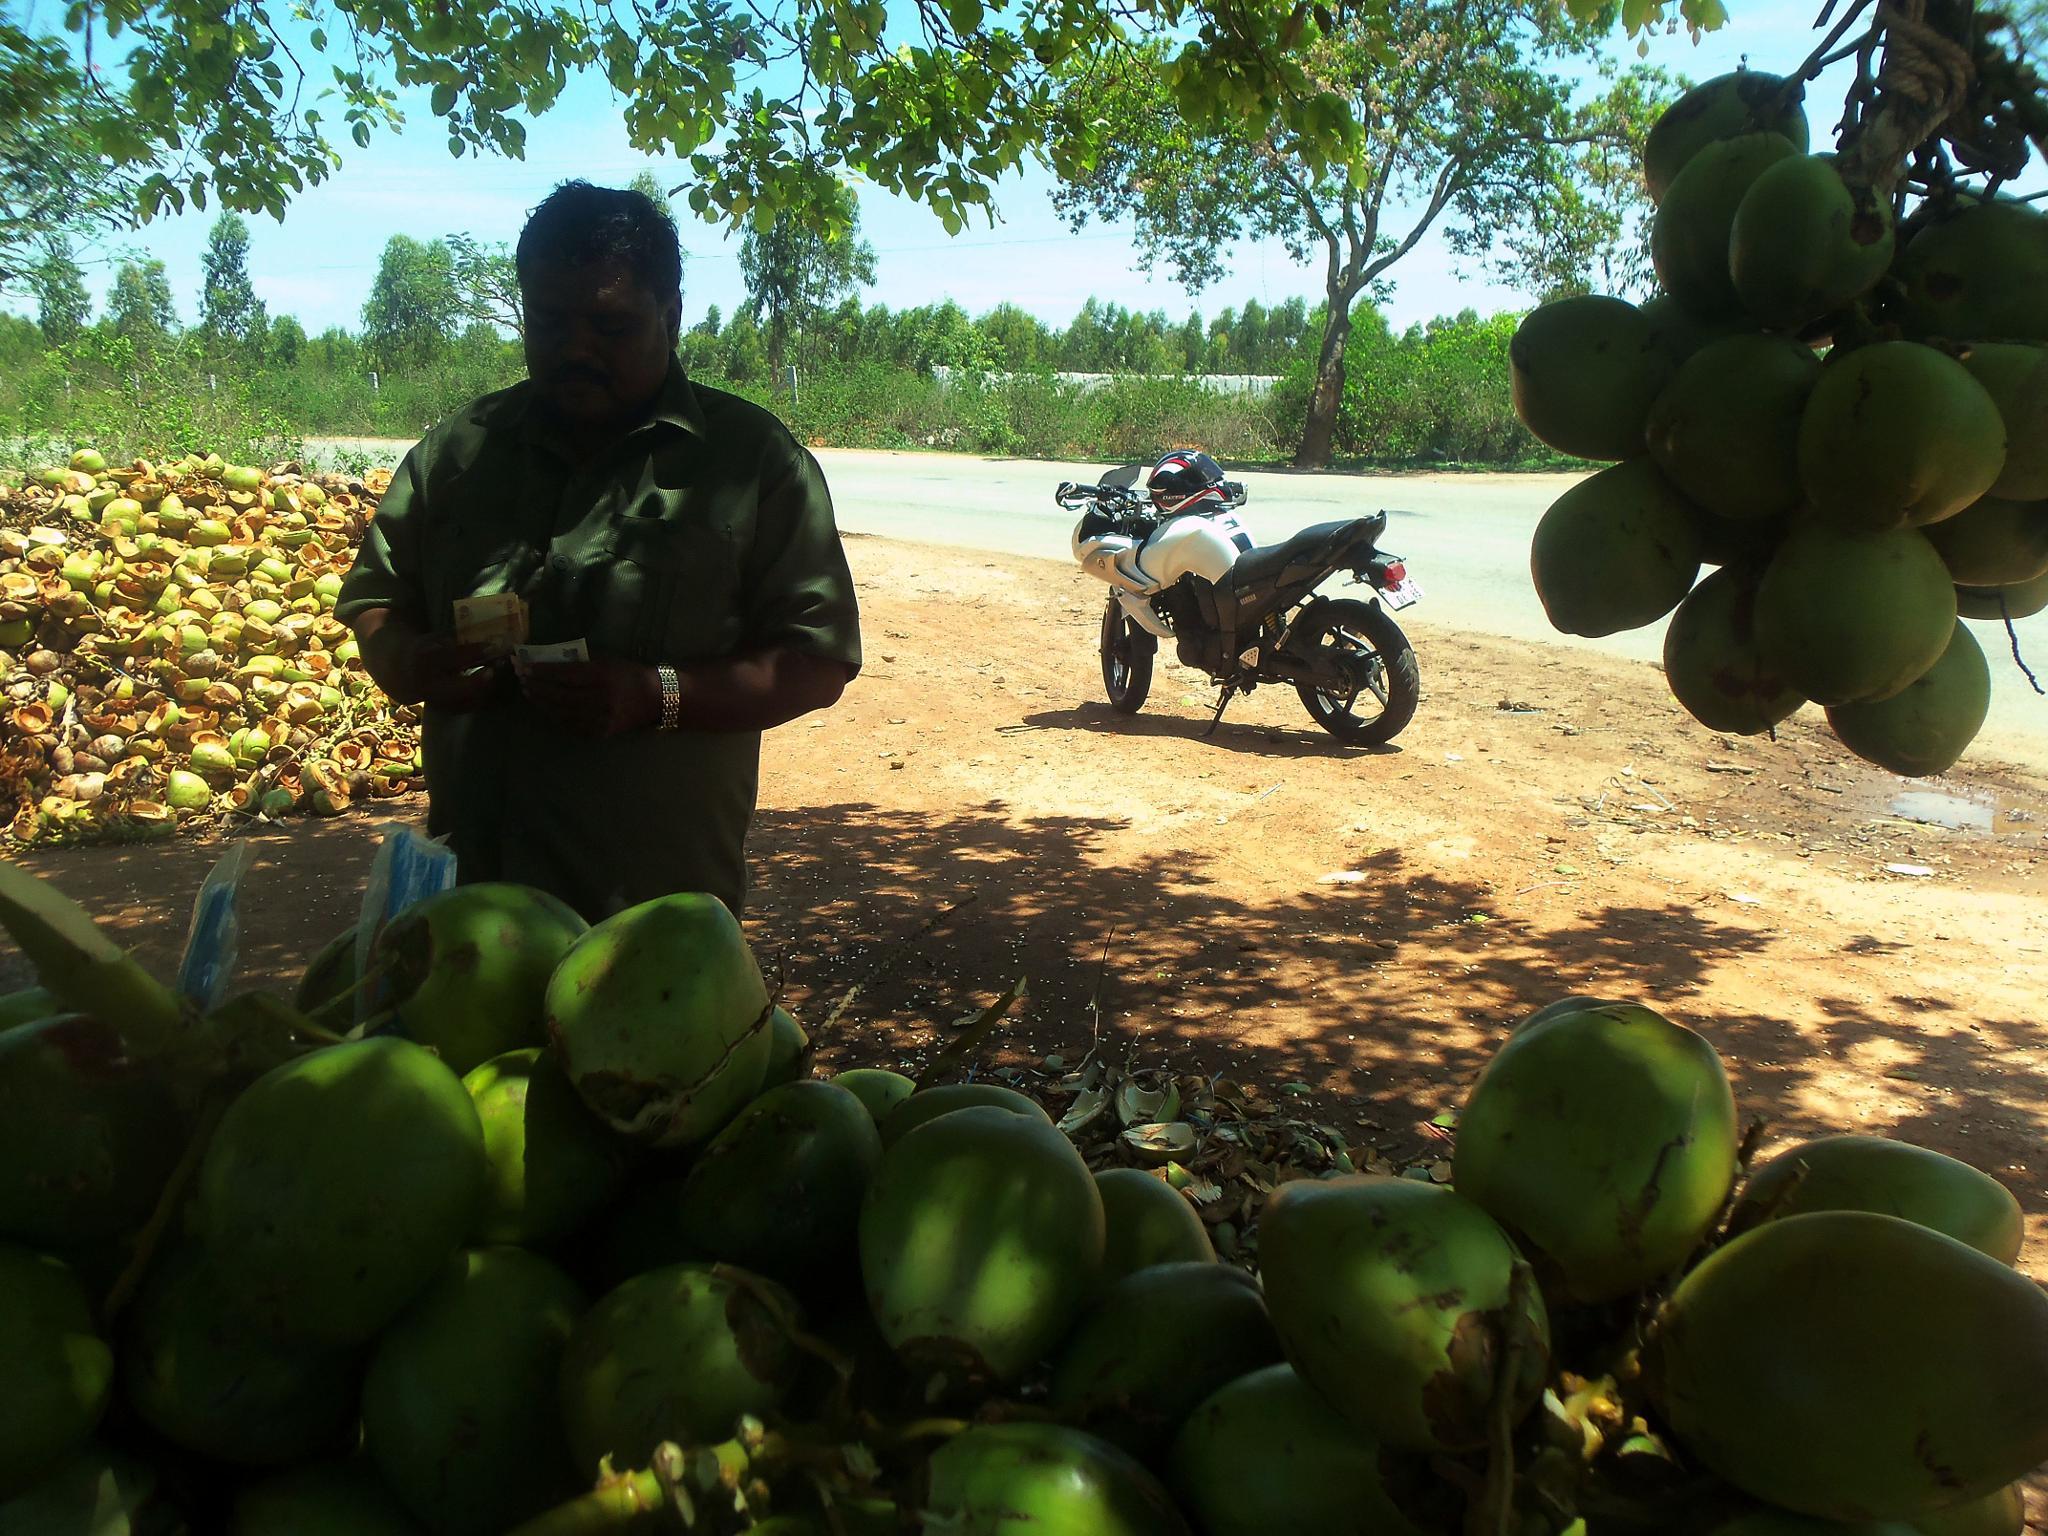 Tender Coconut Breaks by ManeeshNair